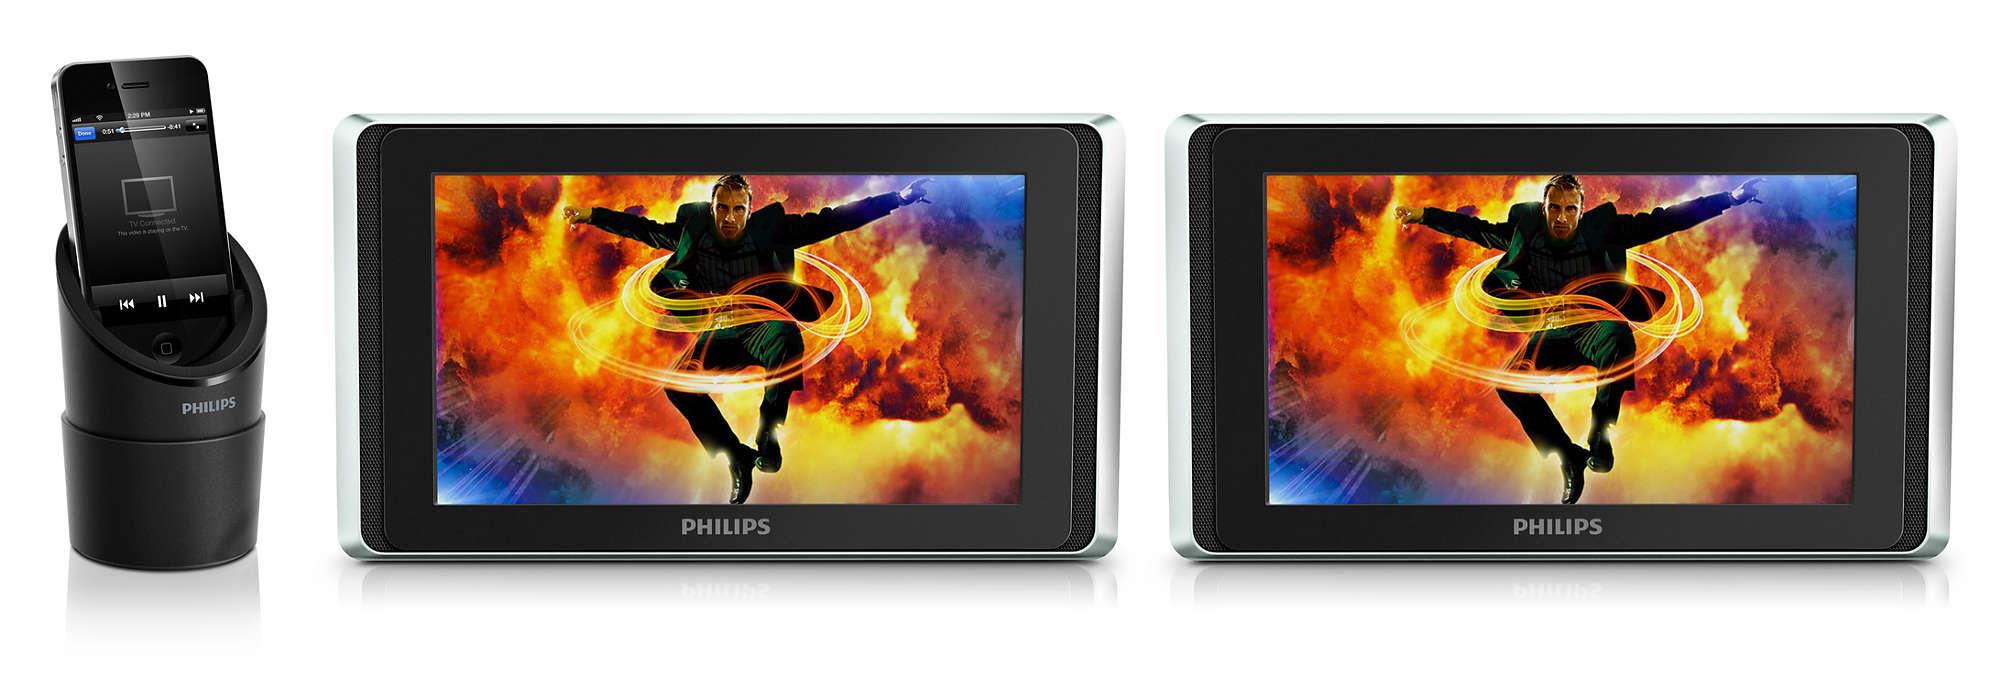 Bucuraţi-vă de clipuri video pe iPod/iPhone/iPad în maşina dvs.